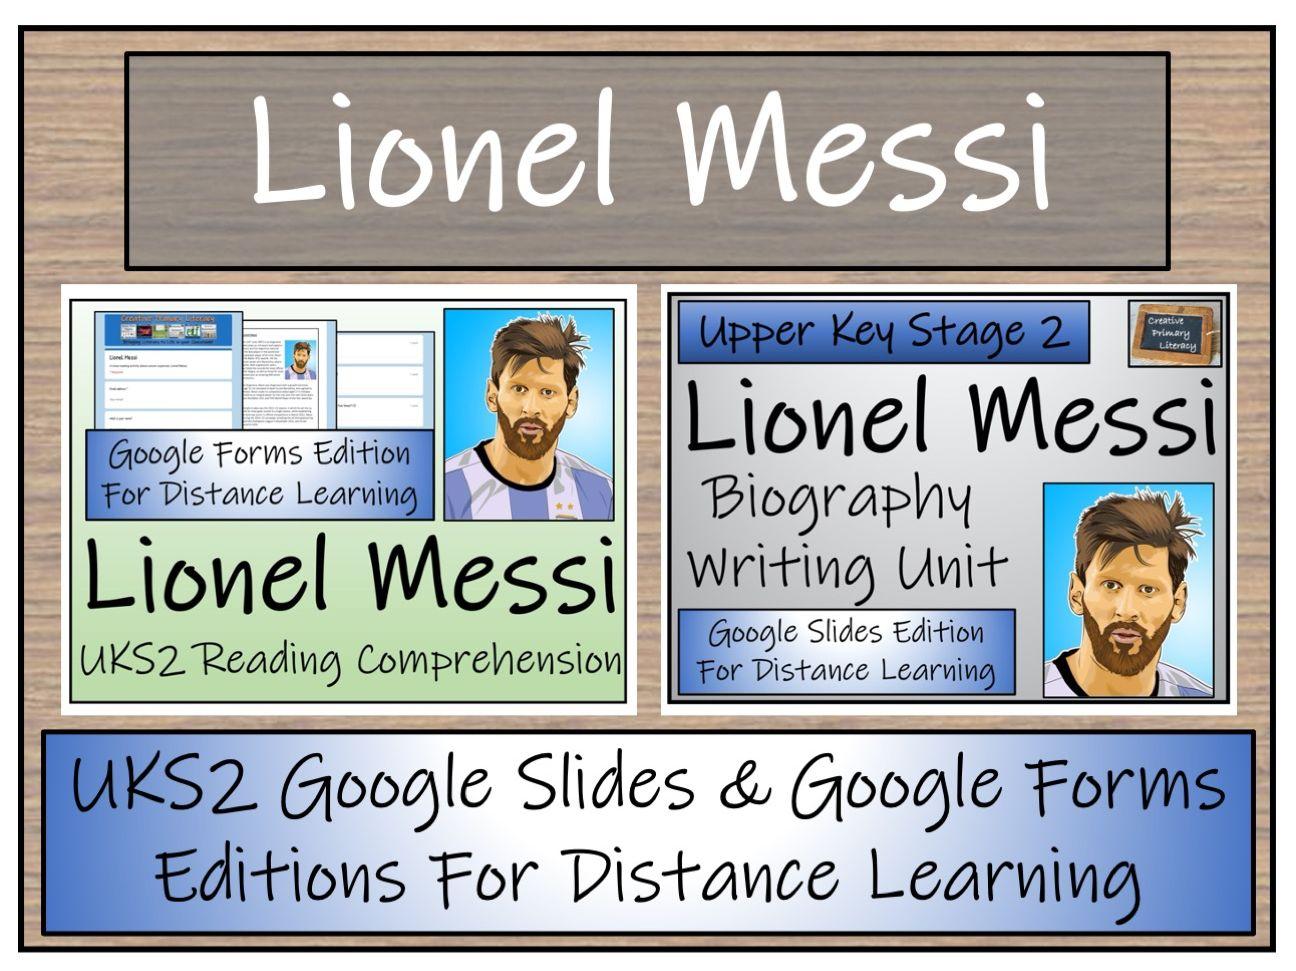 UKS2 Lionel Messi Biography & Reading Comprehension Distance Learning Bundle